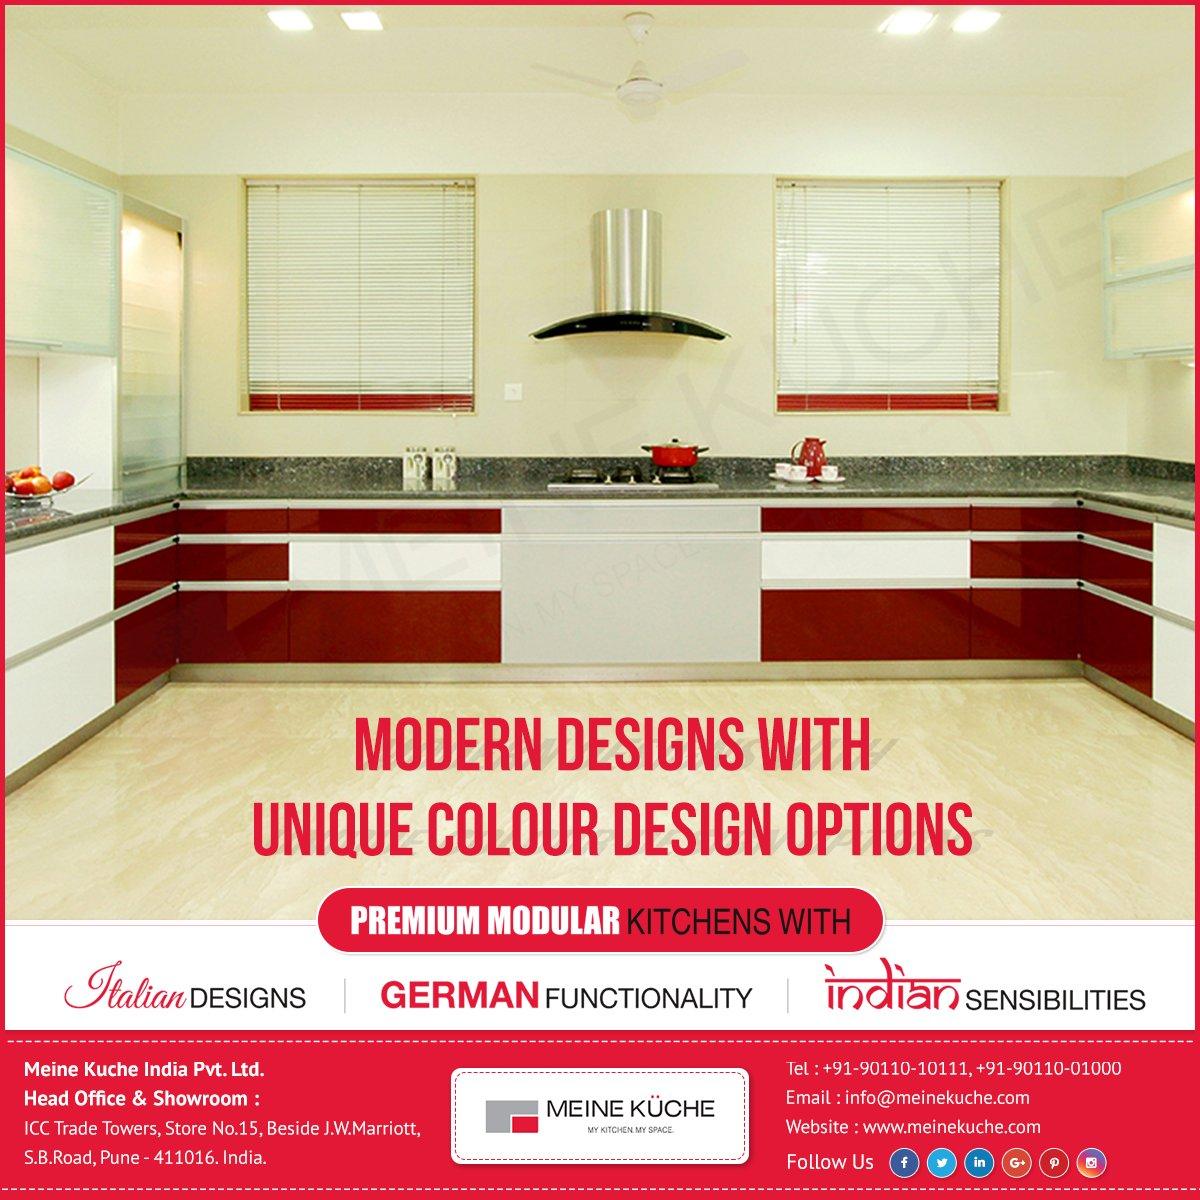 Wunderbar Designer Küche Versinkt India Galerie - Ideen Für Die ...